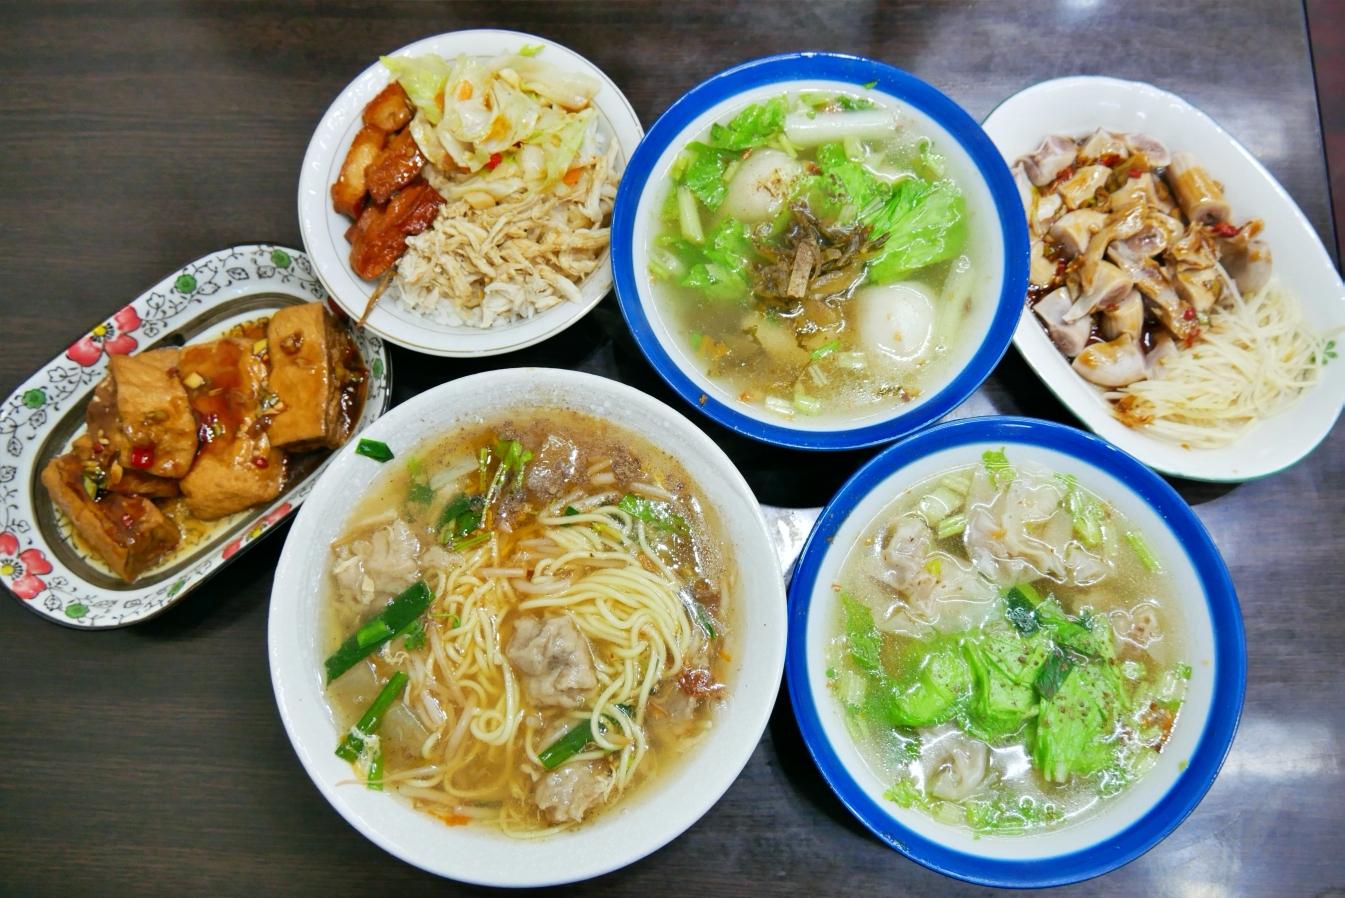 [桃園美食]美香飲食|敏盛綜合醫院三民院區旁超過七十年老店古早味傳統麵食